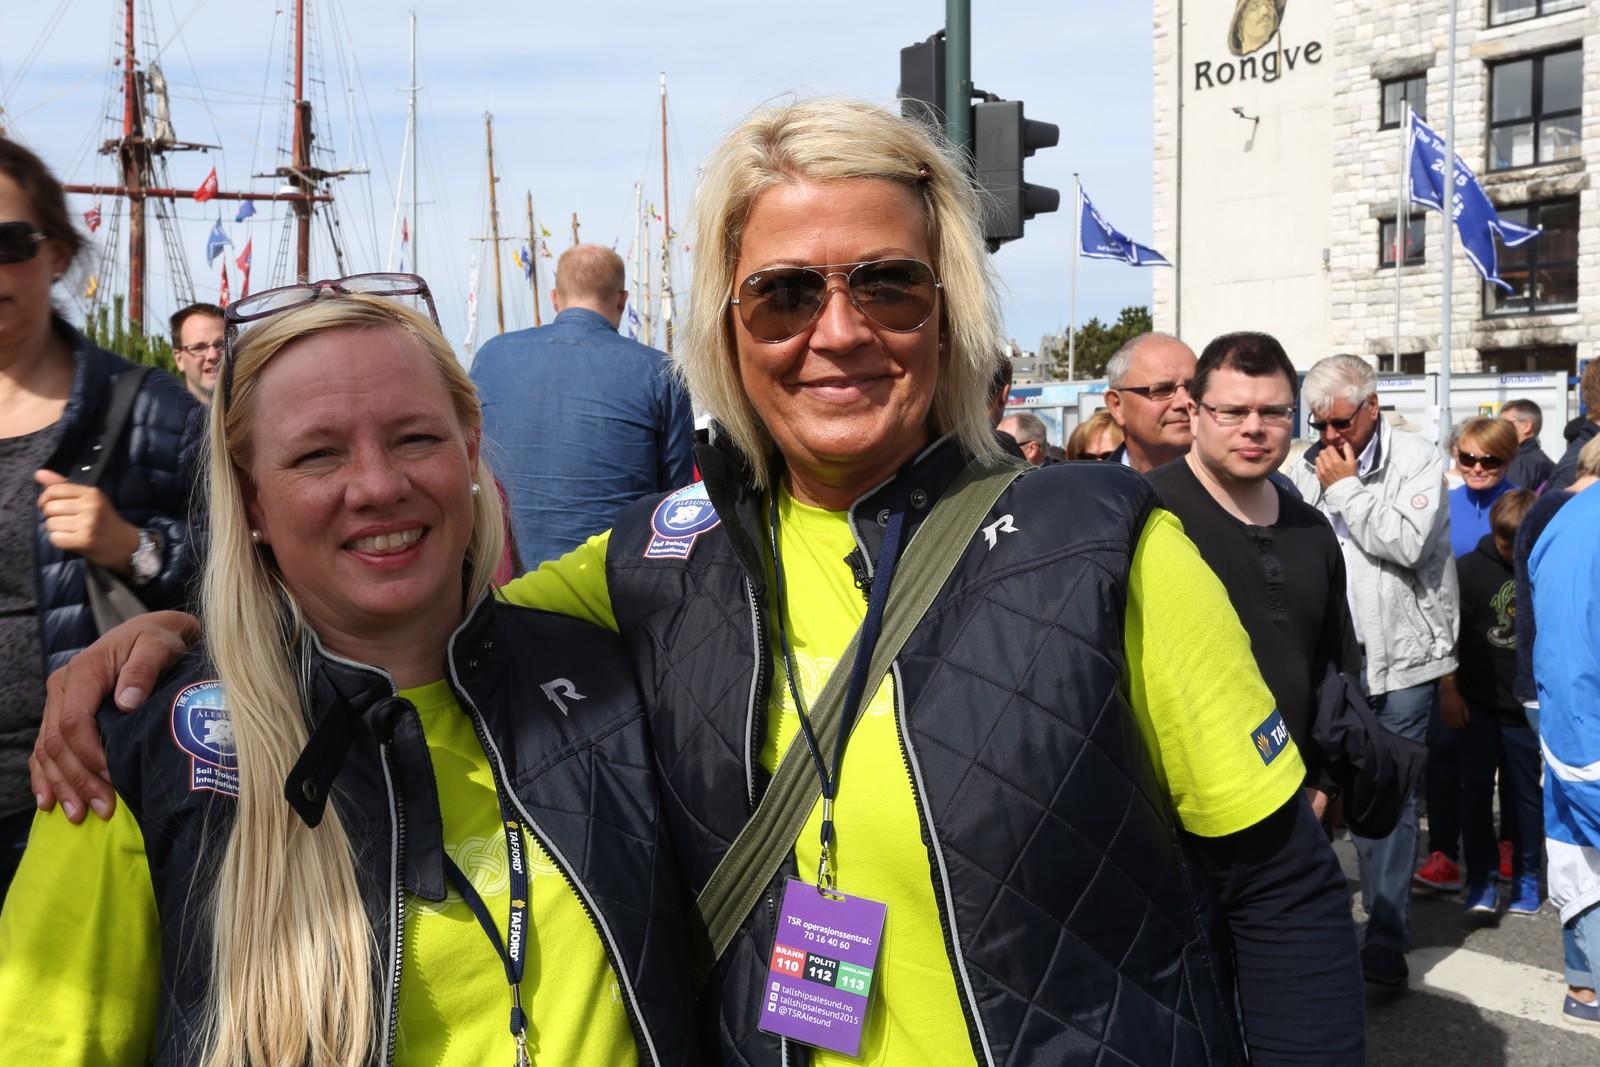 Elisabeth Halvorsen og Anka Hjelle frå Ålesund er frivillige under The Tall Ships Races. Anka Hjelle var også frivillig under Cutty Sark i 2001.